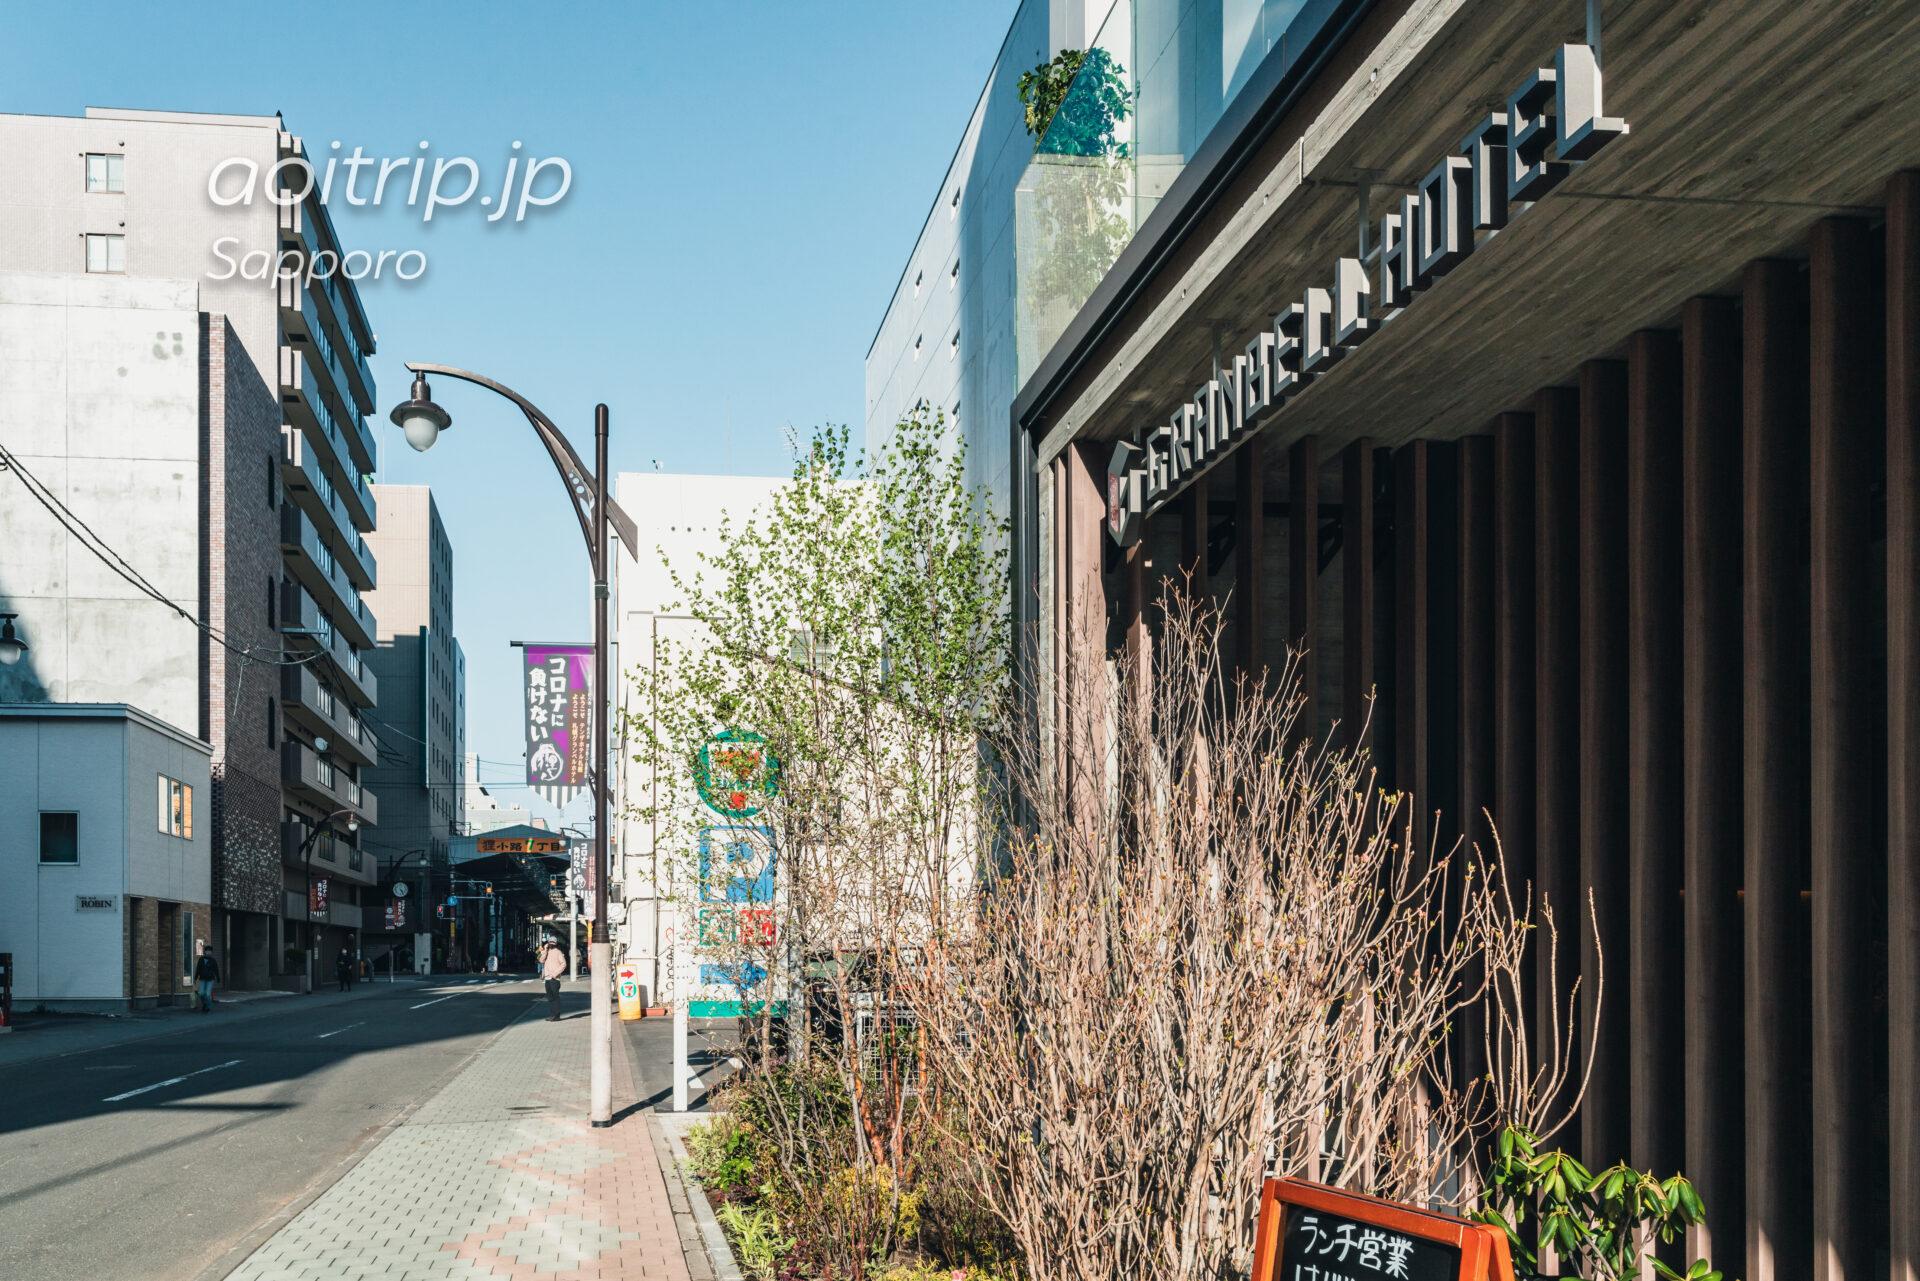 札幌グランベルホテルと狸小路7丁目